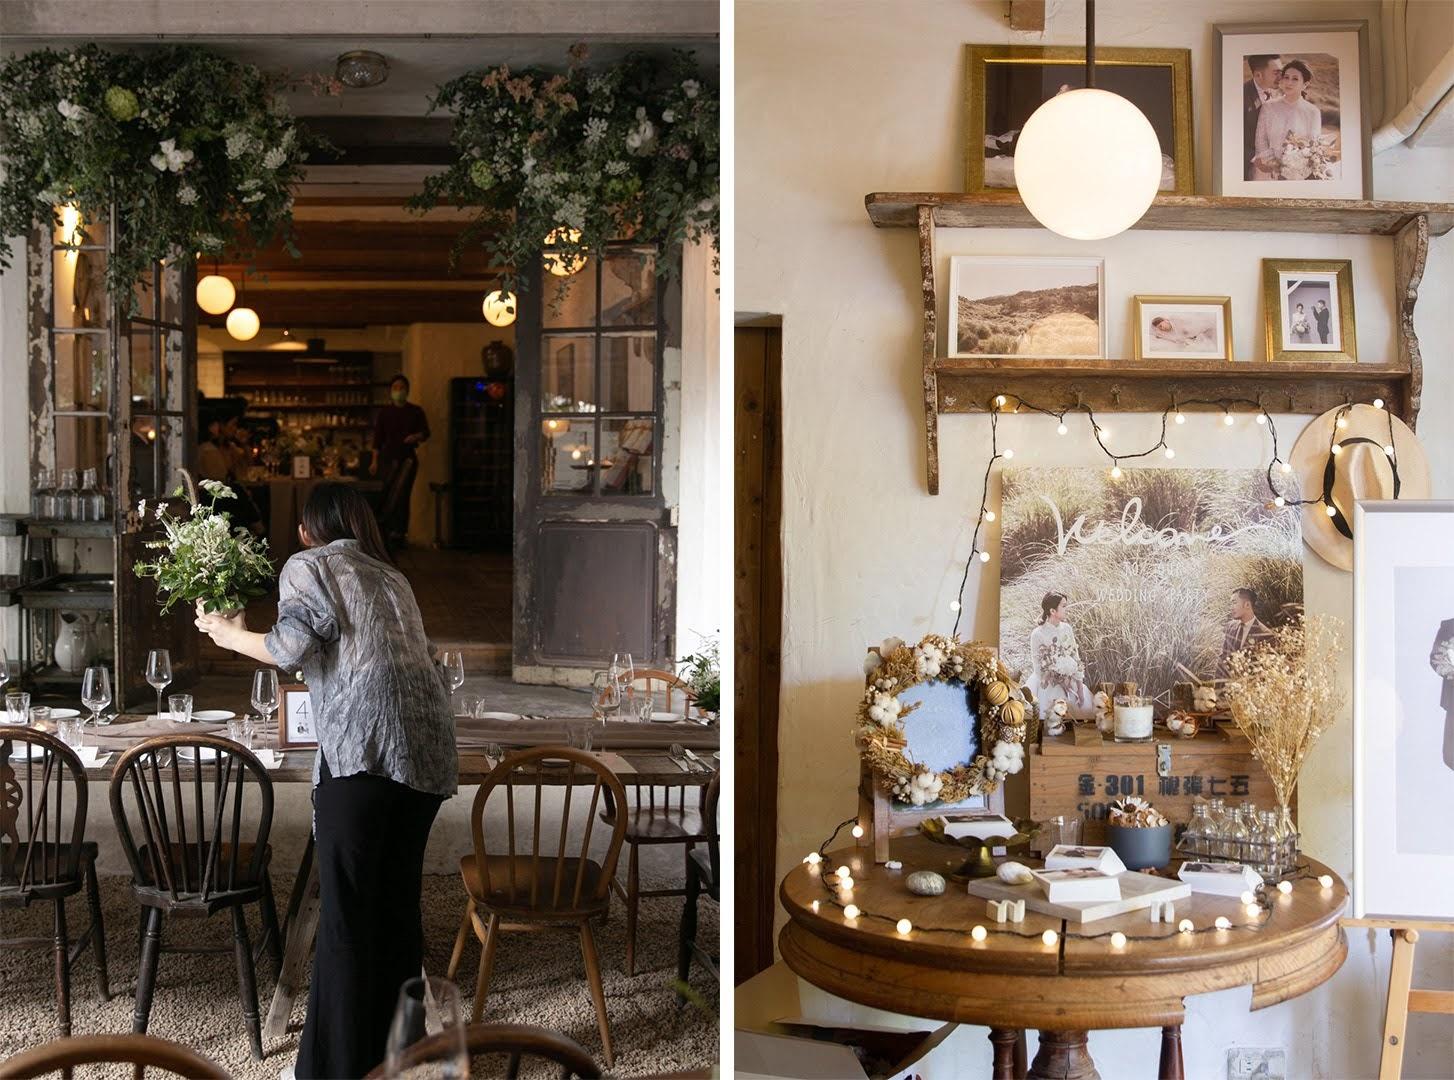 小型婚禮這樣辦最溫馨!推薦妳絕佳的小型婚禮派對場地 !